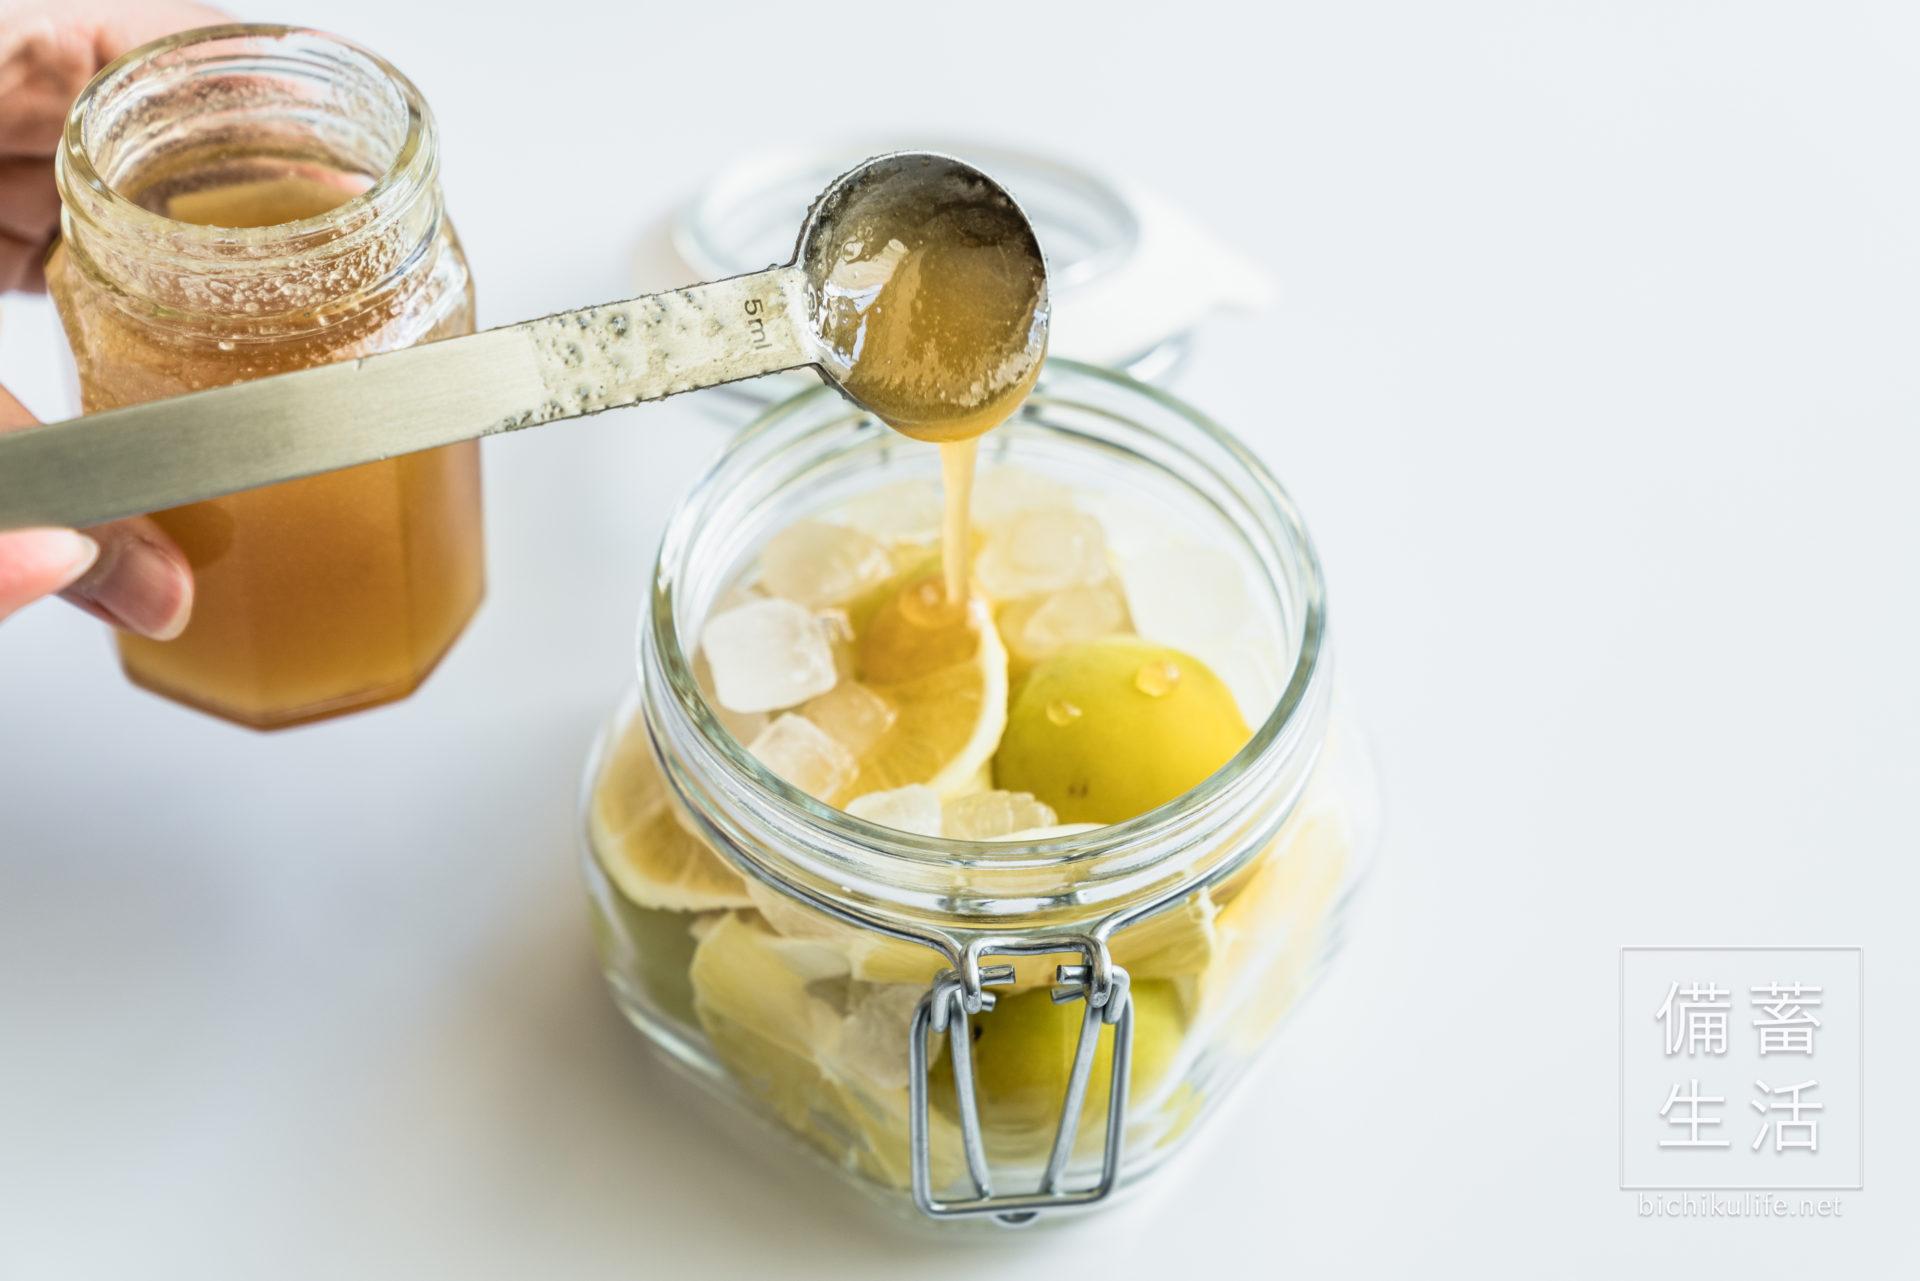 梅シロップ はちみつレモンのレシピ、保存瓶に蜂蜜を注ぐ